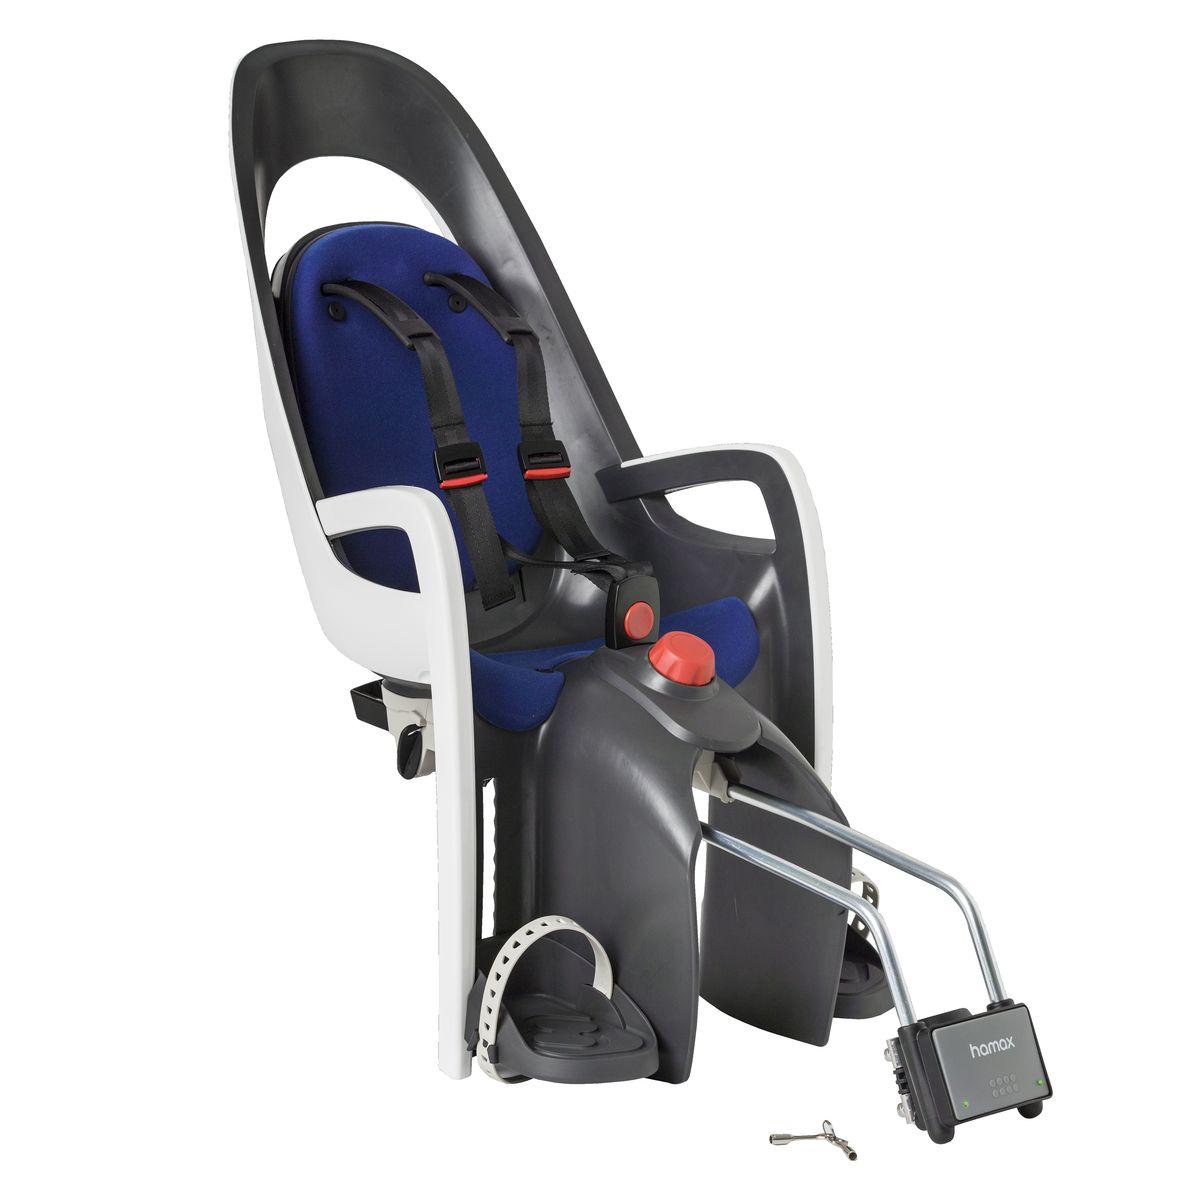 Детское кресло Hamax Caress W/Lockable Bracket, цвет: серый, белый, синий552501Кресло для перевозки детей